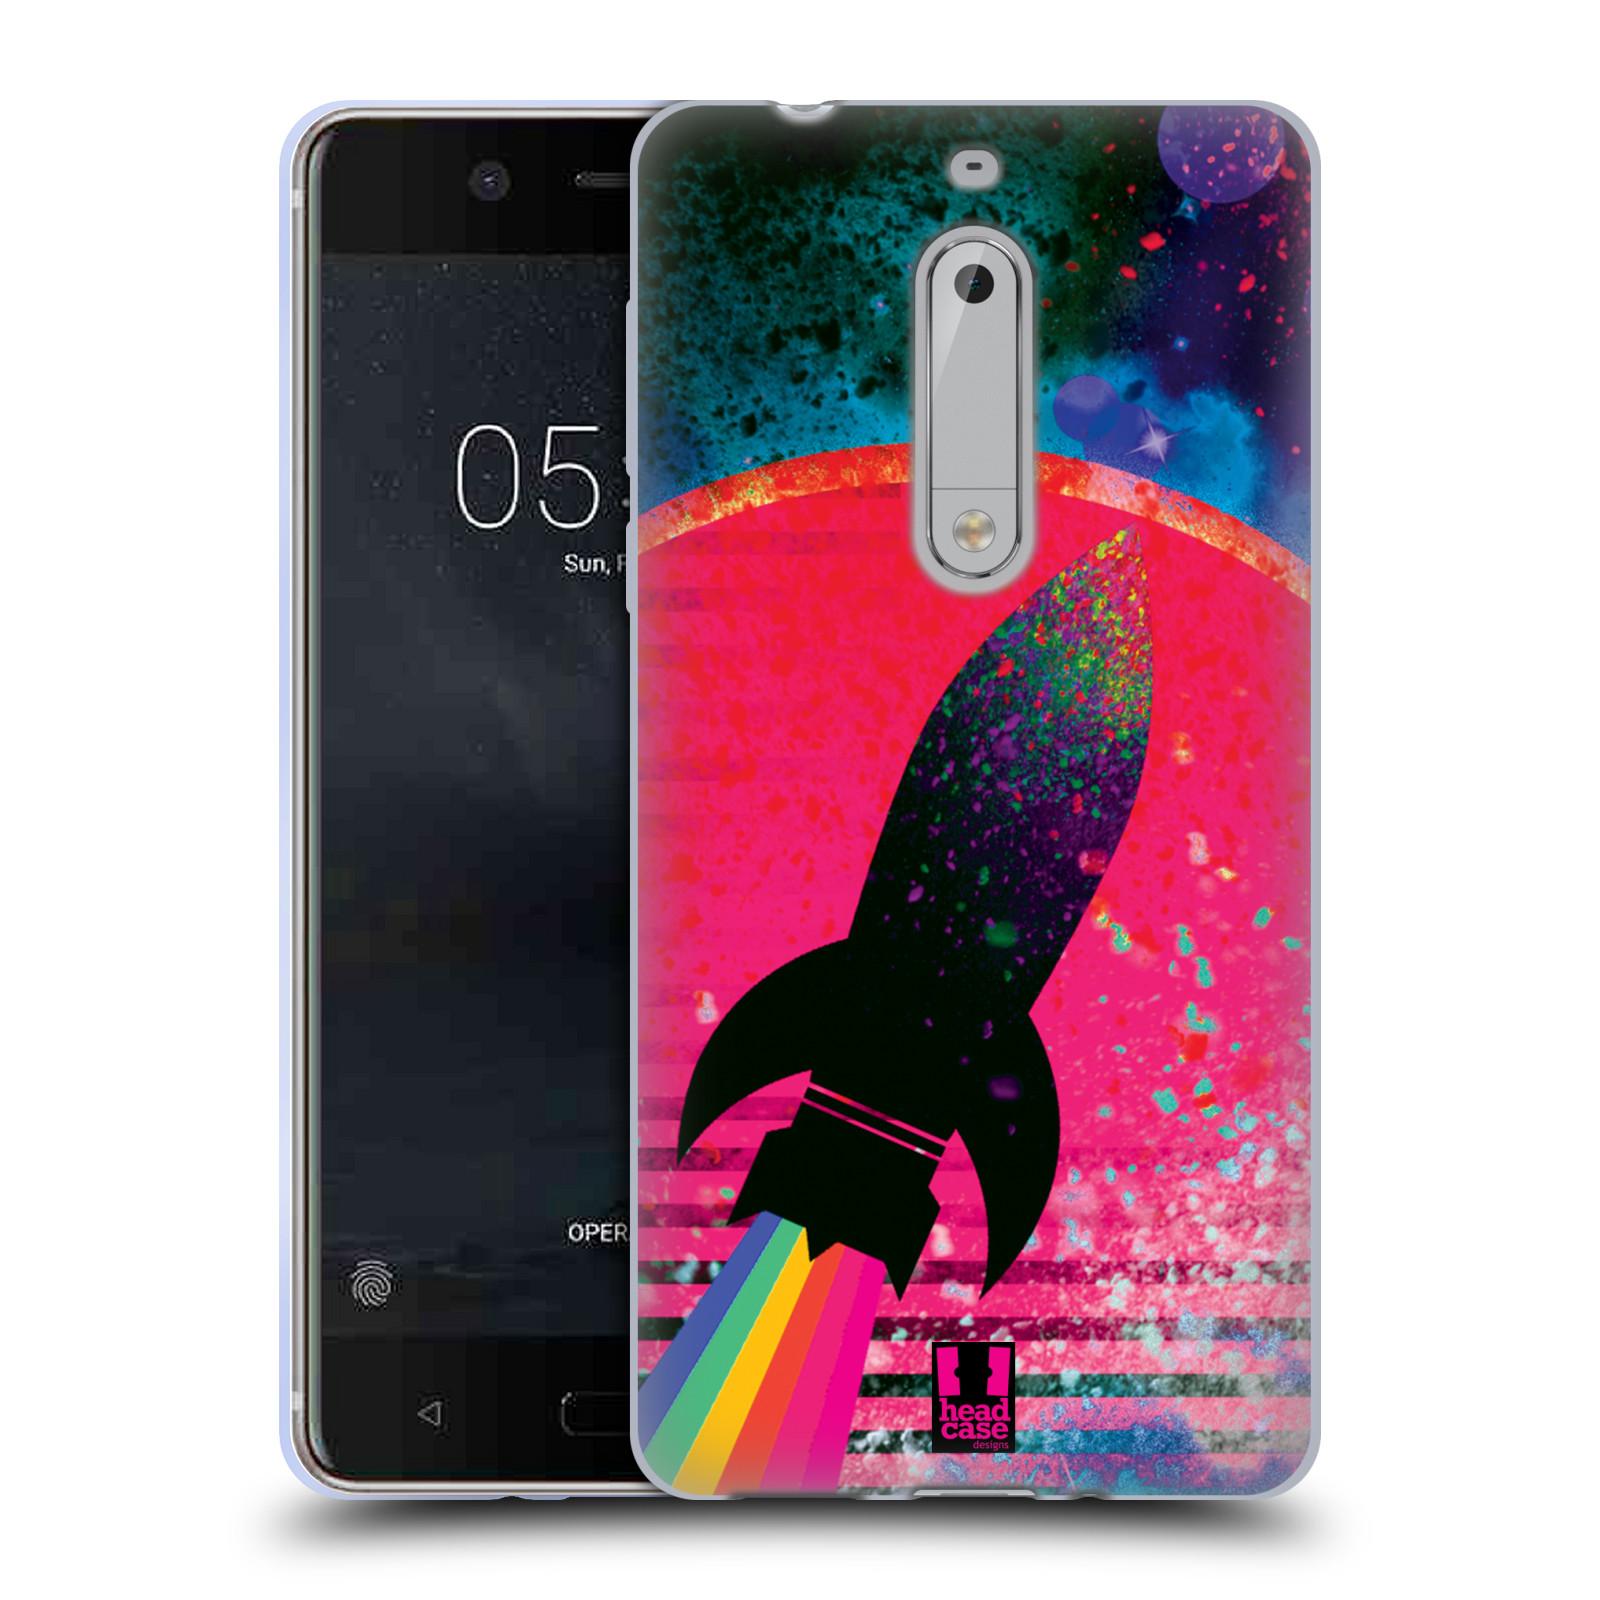 Silikonové pouzdro na mobil Nokia 5 Head Case - Raketka (Silikonový kryt či obal na mobilní telefon s motivem z osmdesátek pro Nokia 5 (2017))